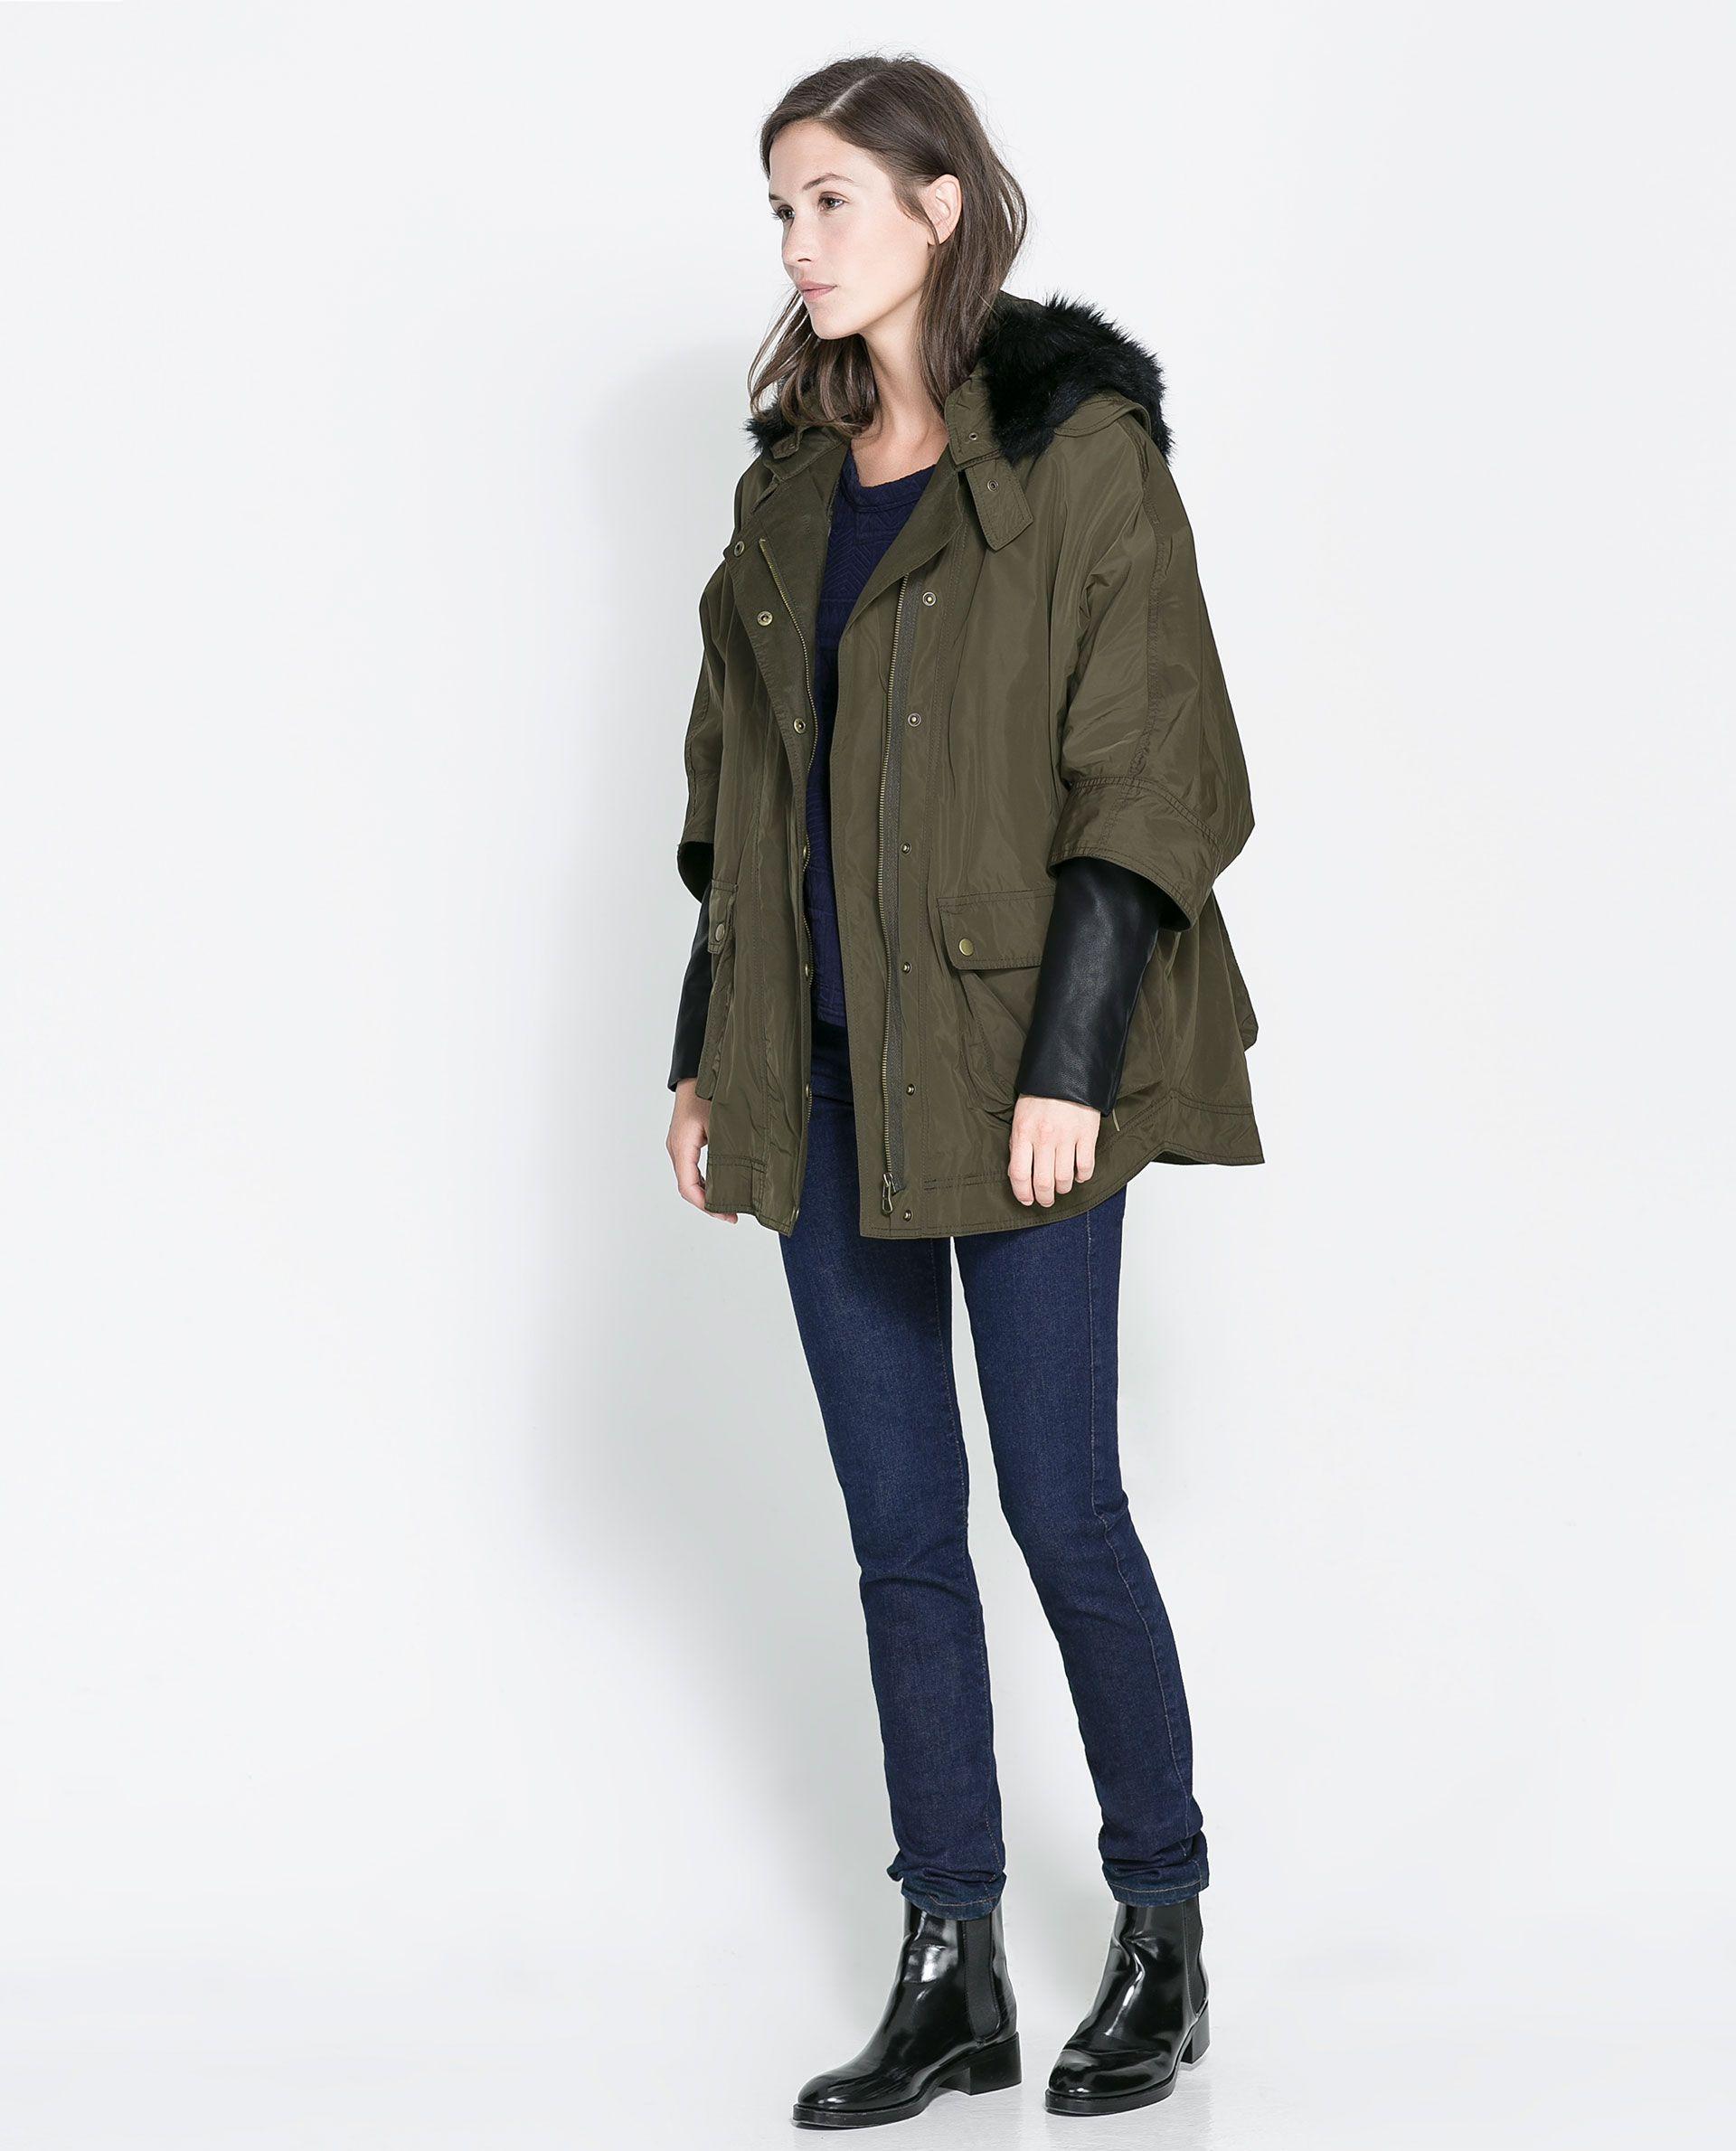 336025c8 COMBINATION PARKA - Coats - Woman | ZARA United States ...